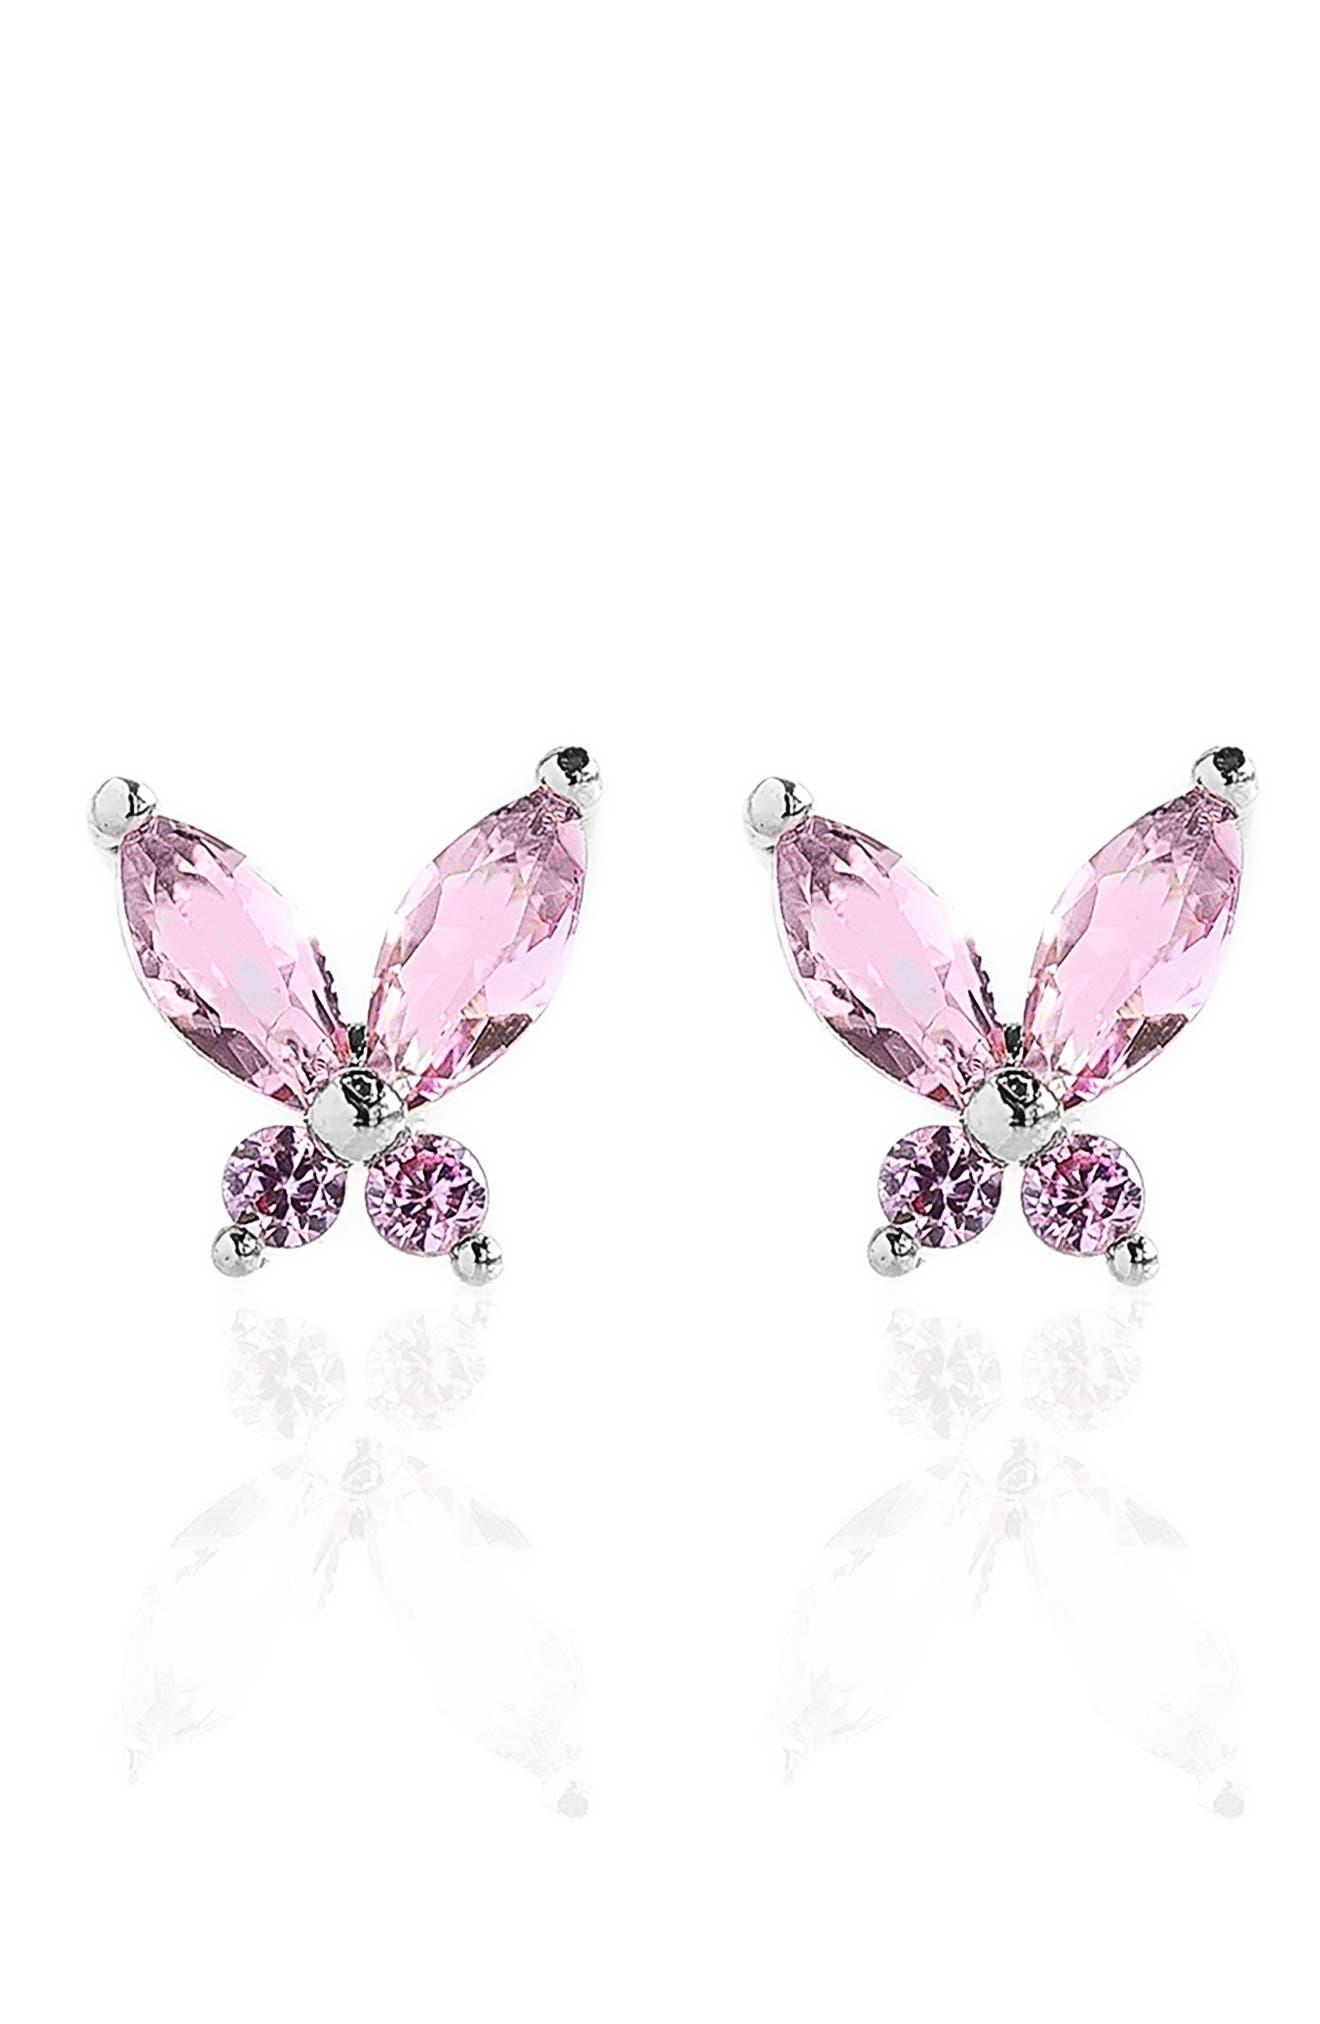 Rose Mari Stud Earrings